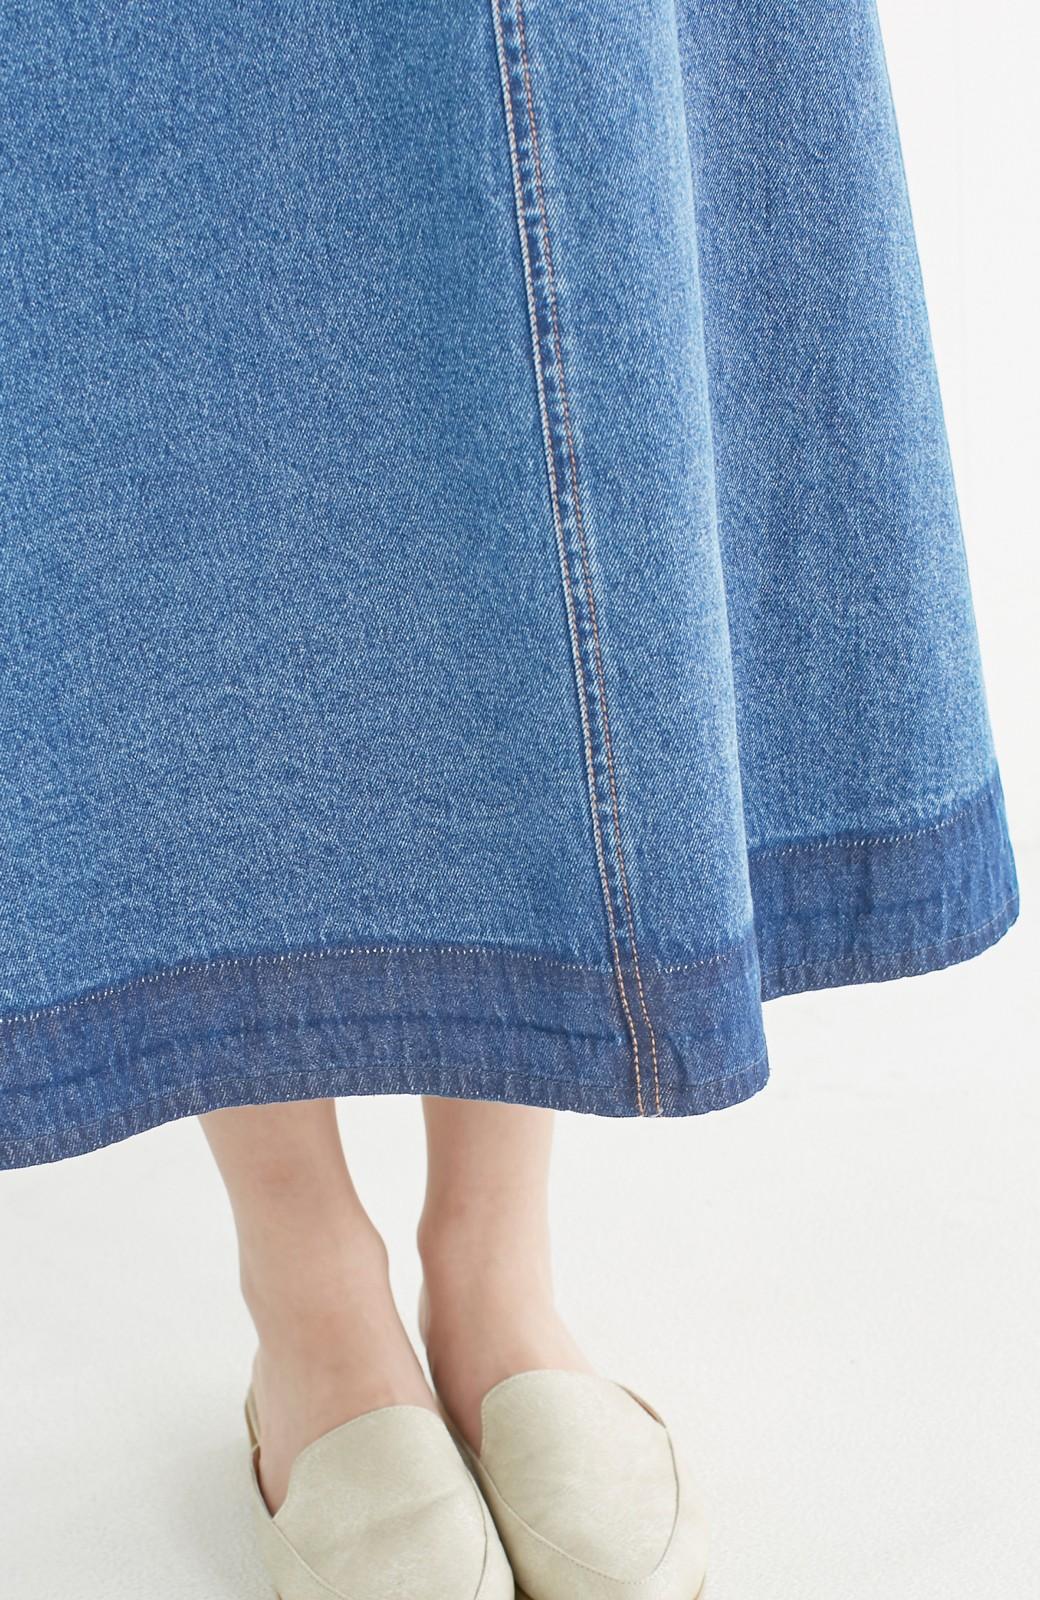 nusy 裾配色のミモレ丈デニムスカート <ライトインディゴブルー>の商品写真13